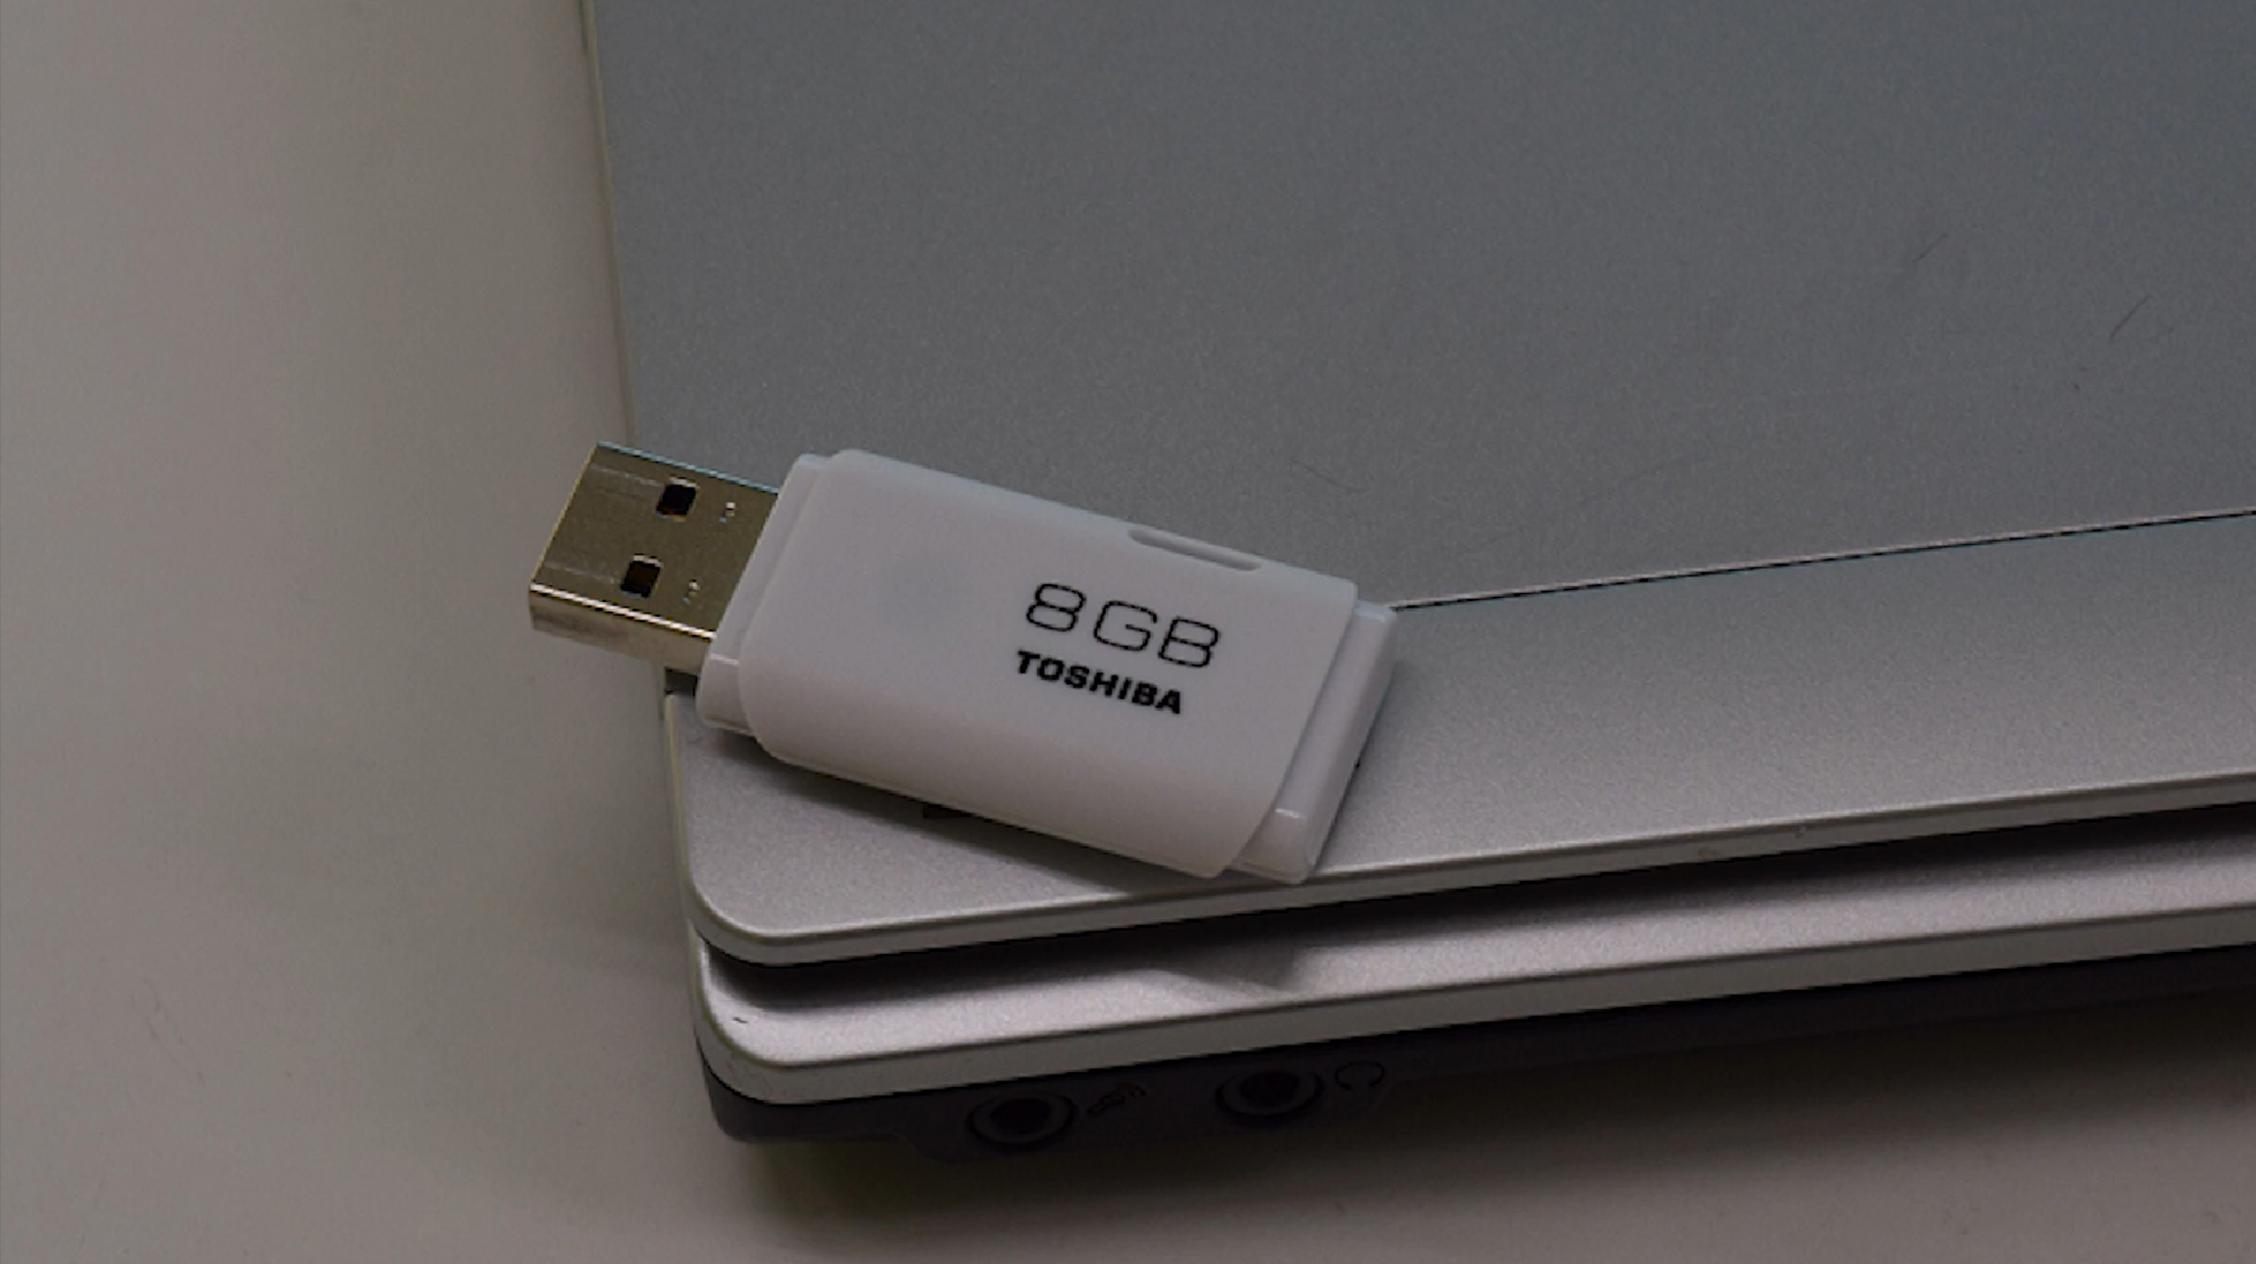 USBメモリにデータを保存・取り出す方法